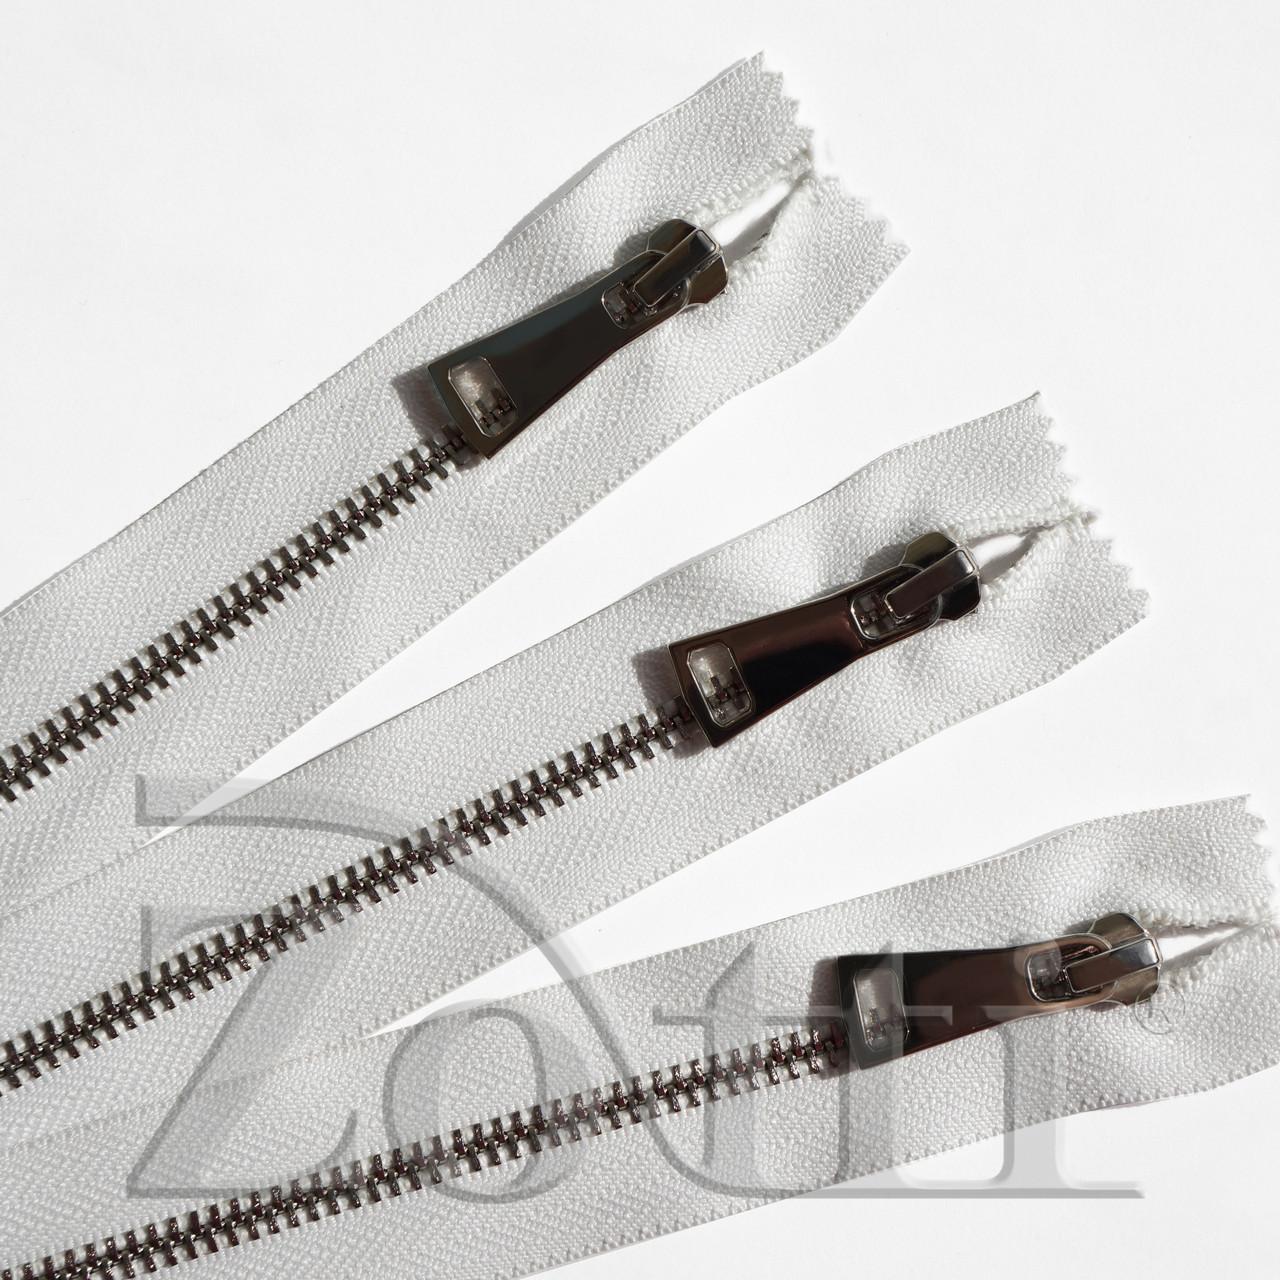 Молния (змейка,застежка) металлическая №5, размерная, обувная, белая, с серебряным бегунком № 115 - 18 см